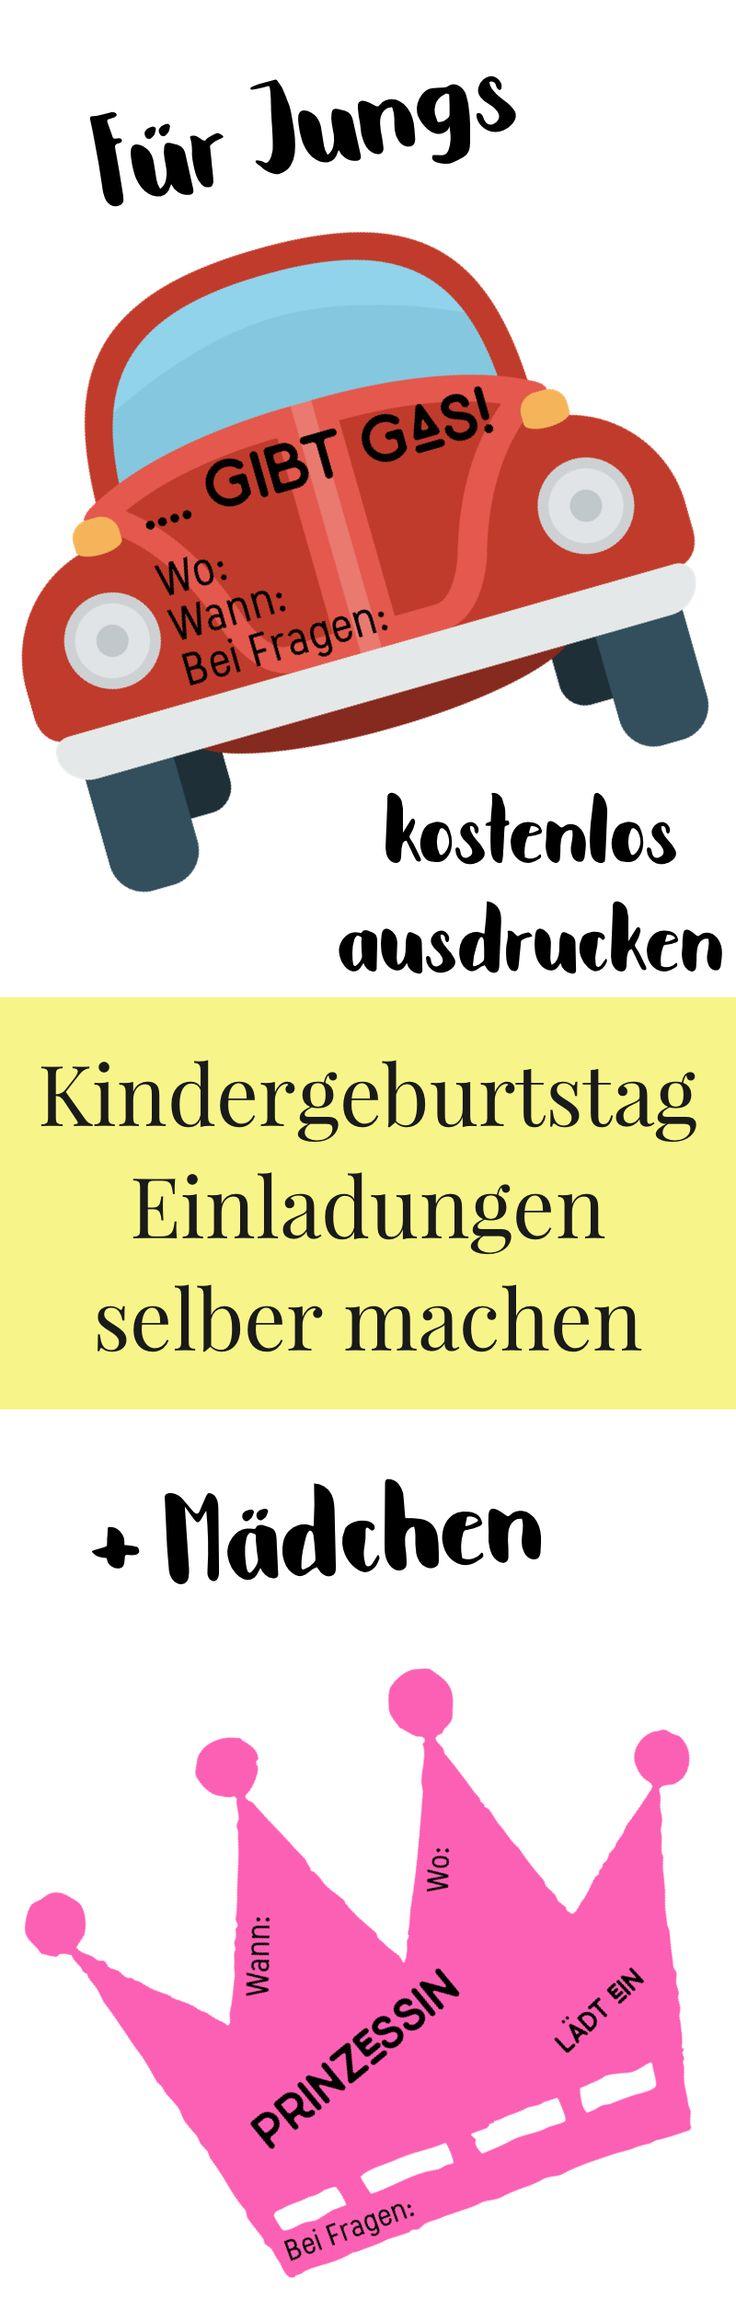 Einladungskarten Für Geburtstag Einladungskarten Für: Die Besten 25+ Einladungskarten Kindergeburtstag Zum